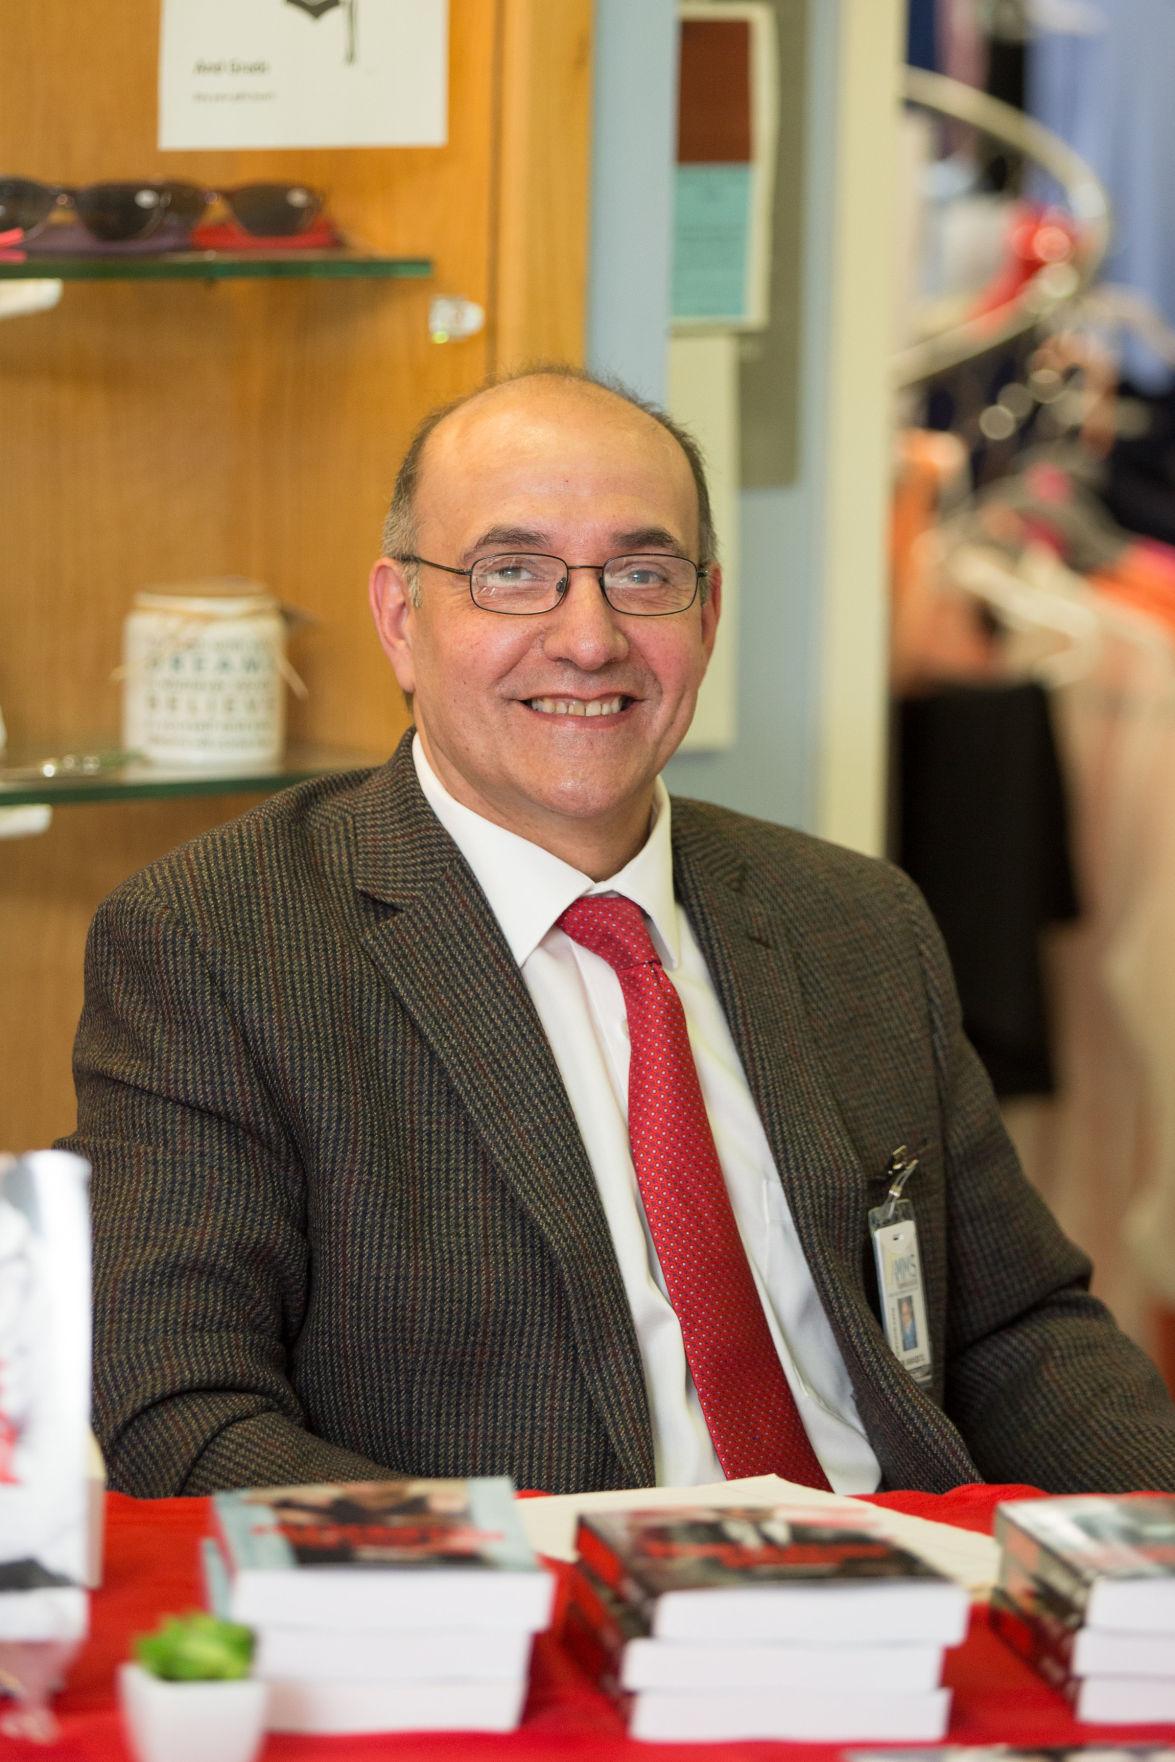 John Avanzato